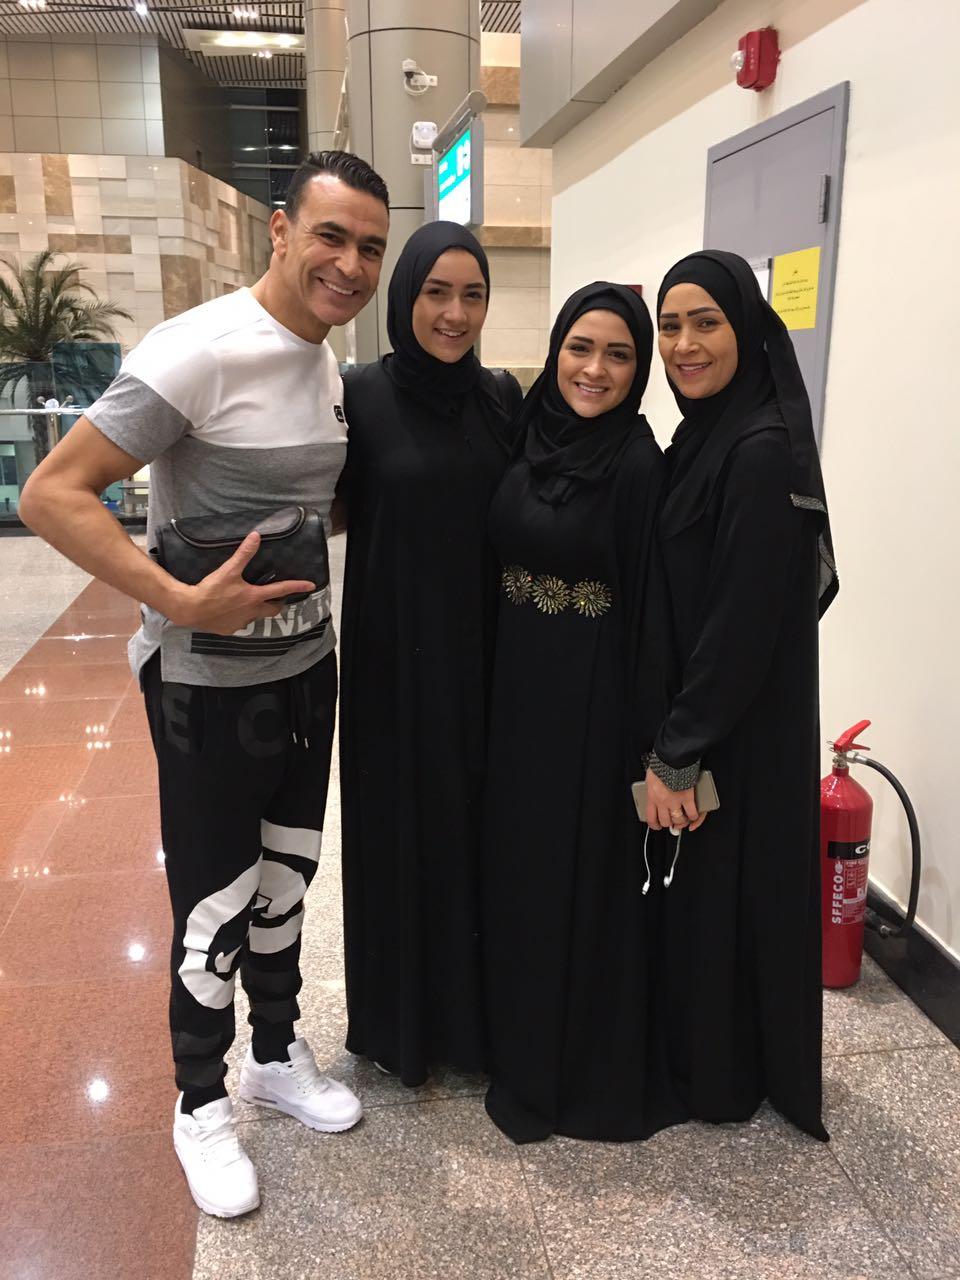 الحضرى مع اسرته فى المطار  (2)